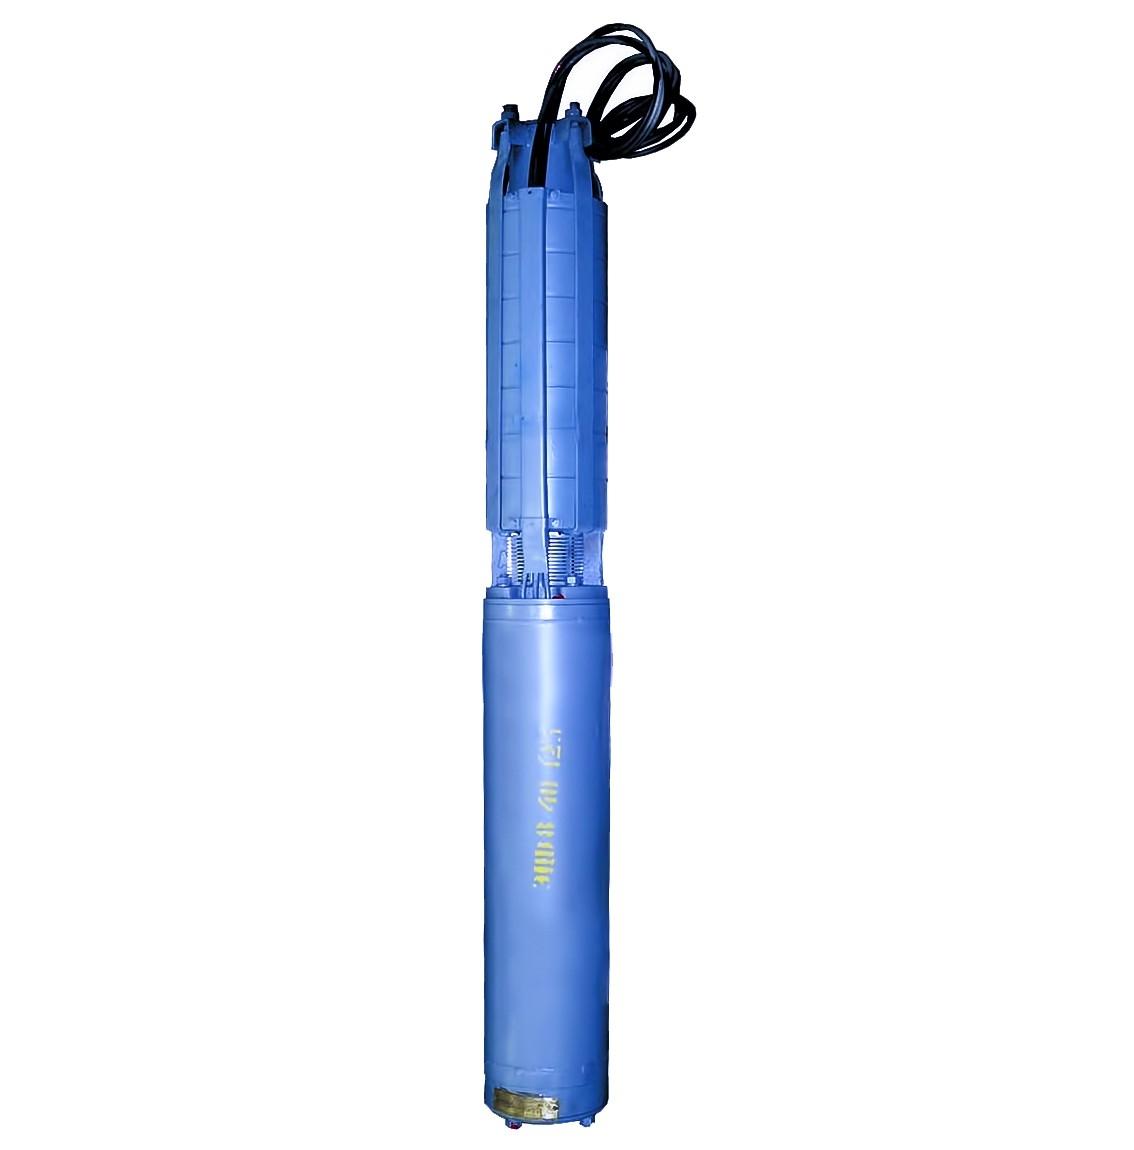 Погружной насос ЭЦВ 12-250-35 нро